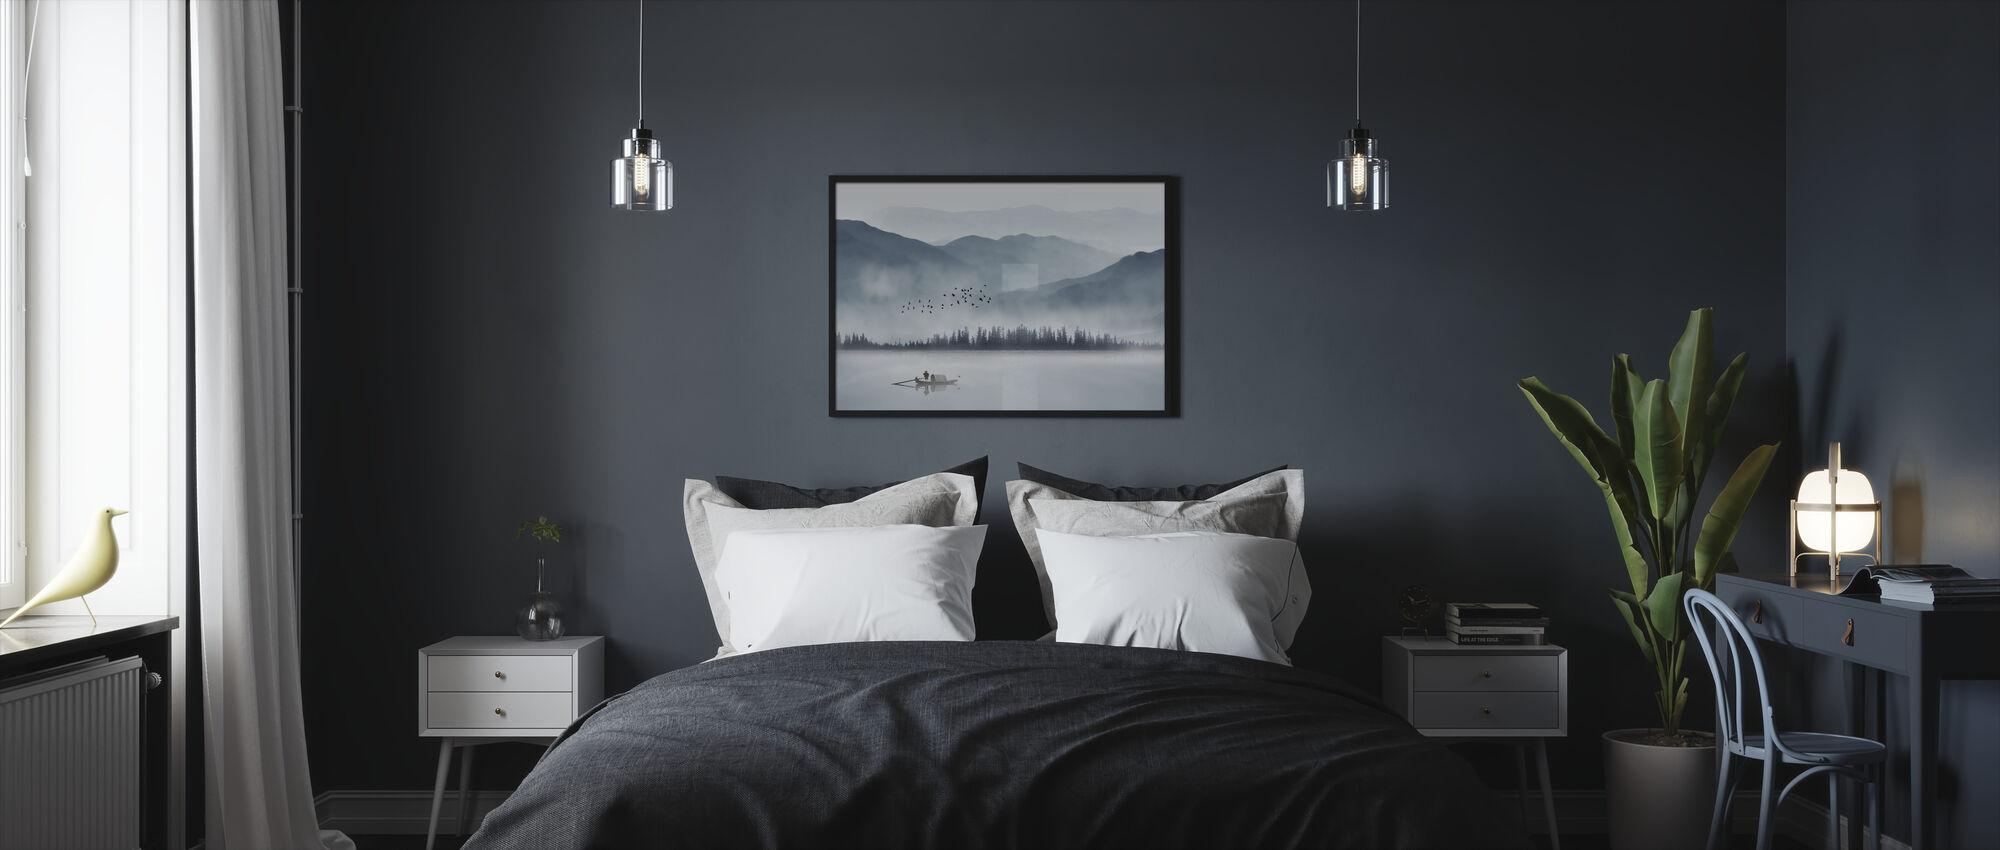 Pescador - Print enmarcado - Dormitorio